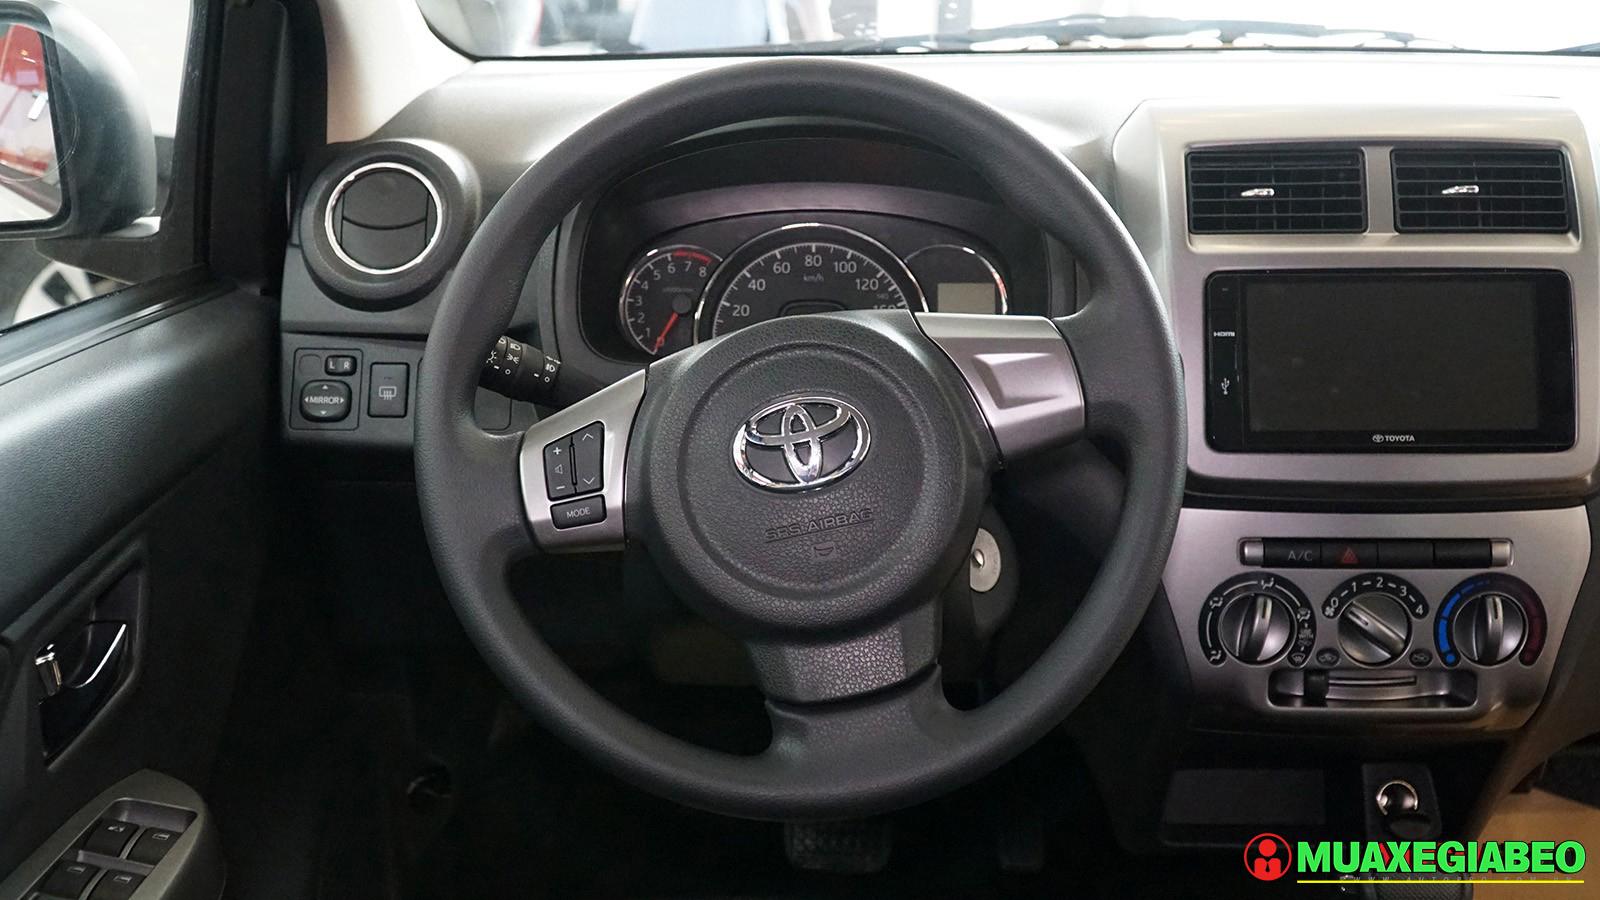 Đánh giá tổng quan về Toyota Wigo AT số tự động phiên bản cao cấp ảnh 12 - Wigo 1.2AT [hienthinam] (số tự động): giá xe và khuyến mãi mới